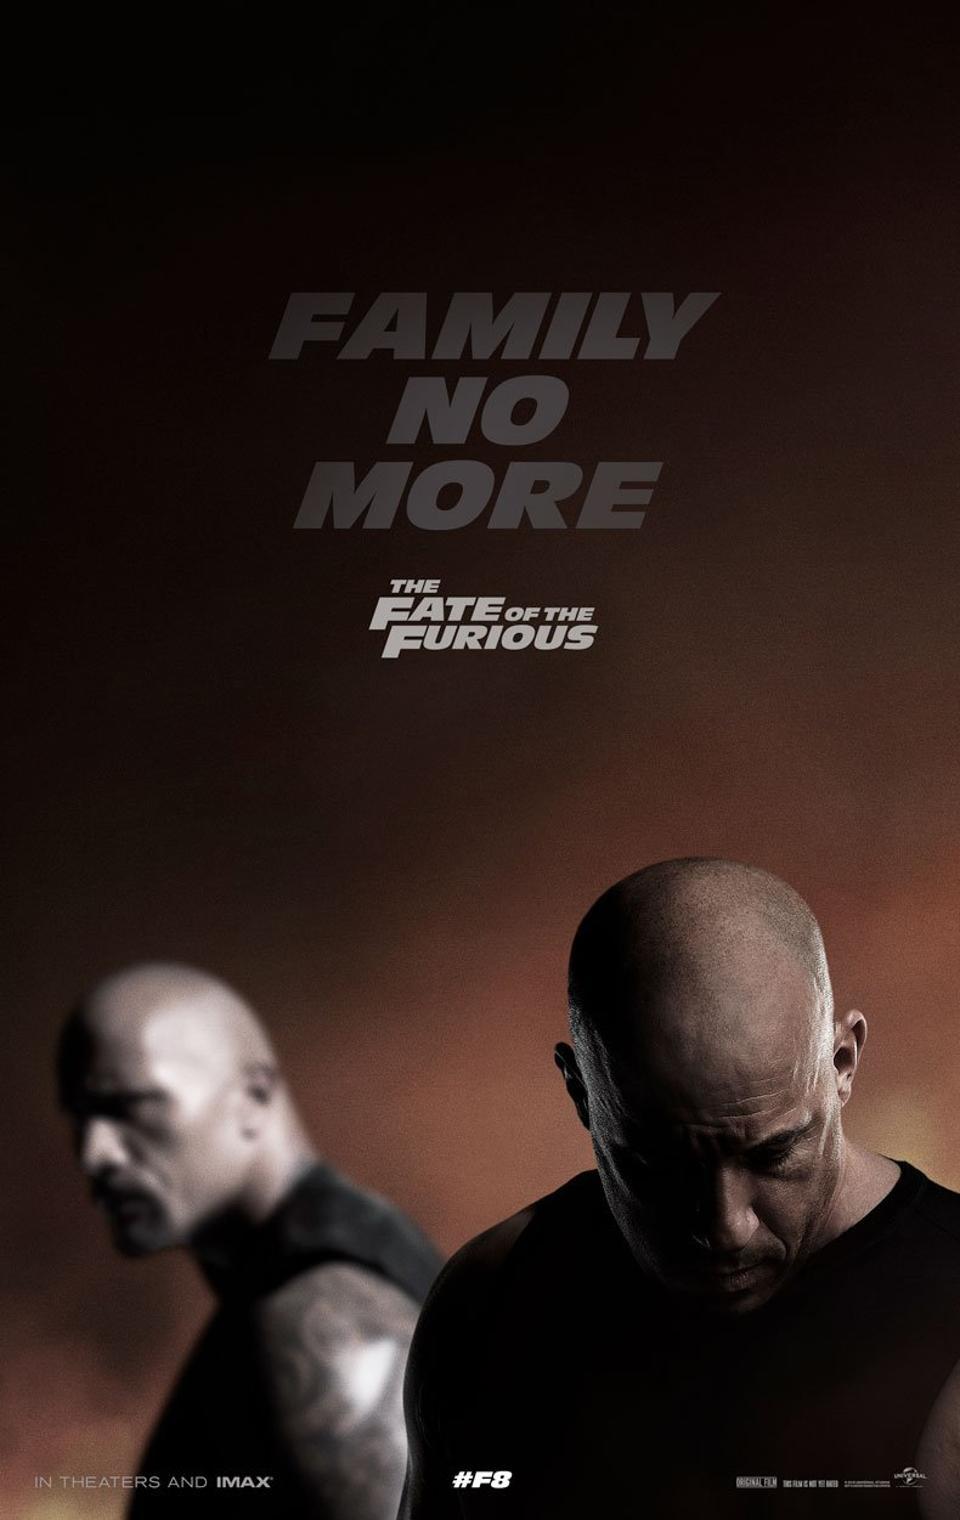 Cai va giua Vin Diesel va The Rock anh huong den 'Fast 8' nhu the nao? hinh anh 4